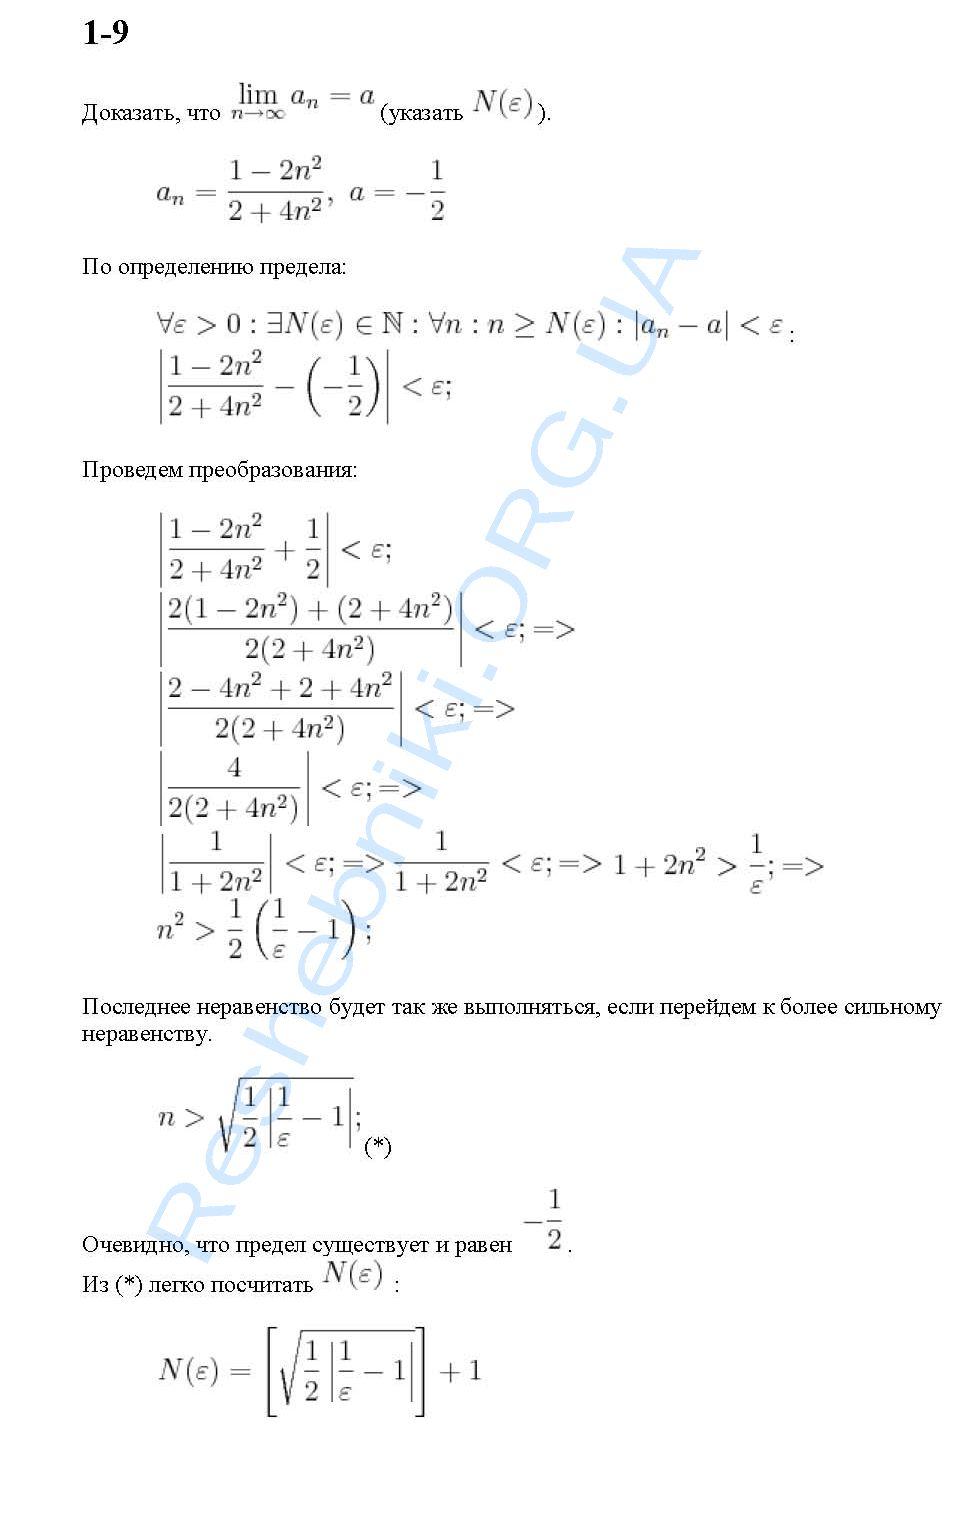 сборника решебник высшей алгебре для задач по